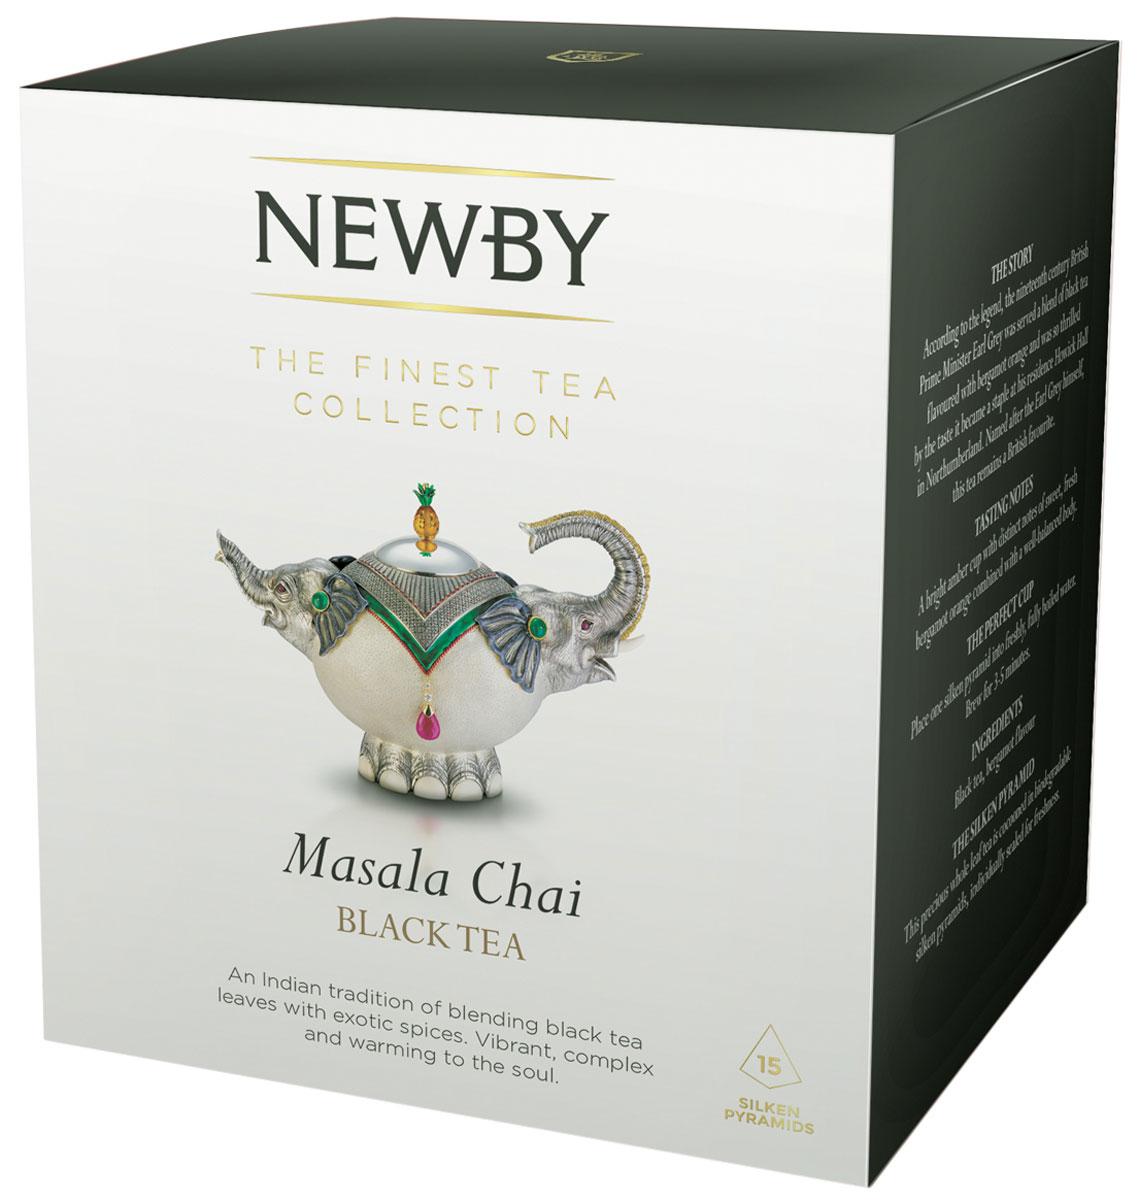 Newby Masala Chai черный листовой чай со специями в пирамидках, 15 шт0120710Традиционный индийский чай Newby Masala Chai со специями, которые собраны в гармоничный букет, дающий богатый, солодовый настой с острыми пряными нотами и согревающим послевкусием. Этот чай рекомендуется подавать с молоком. Каждая пирамидка упакована в индивидуальное саше из алюминиевой фольги для сохранения свежести чайного листа.